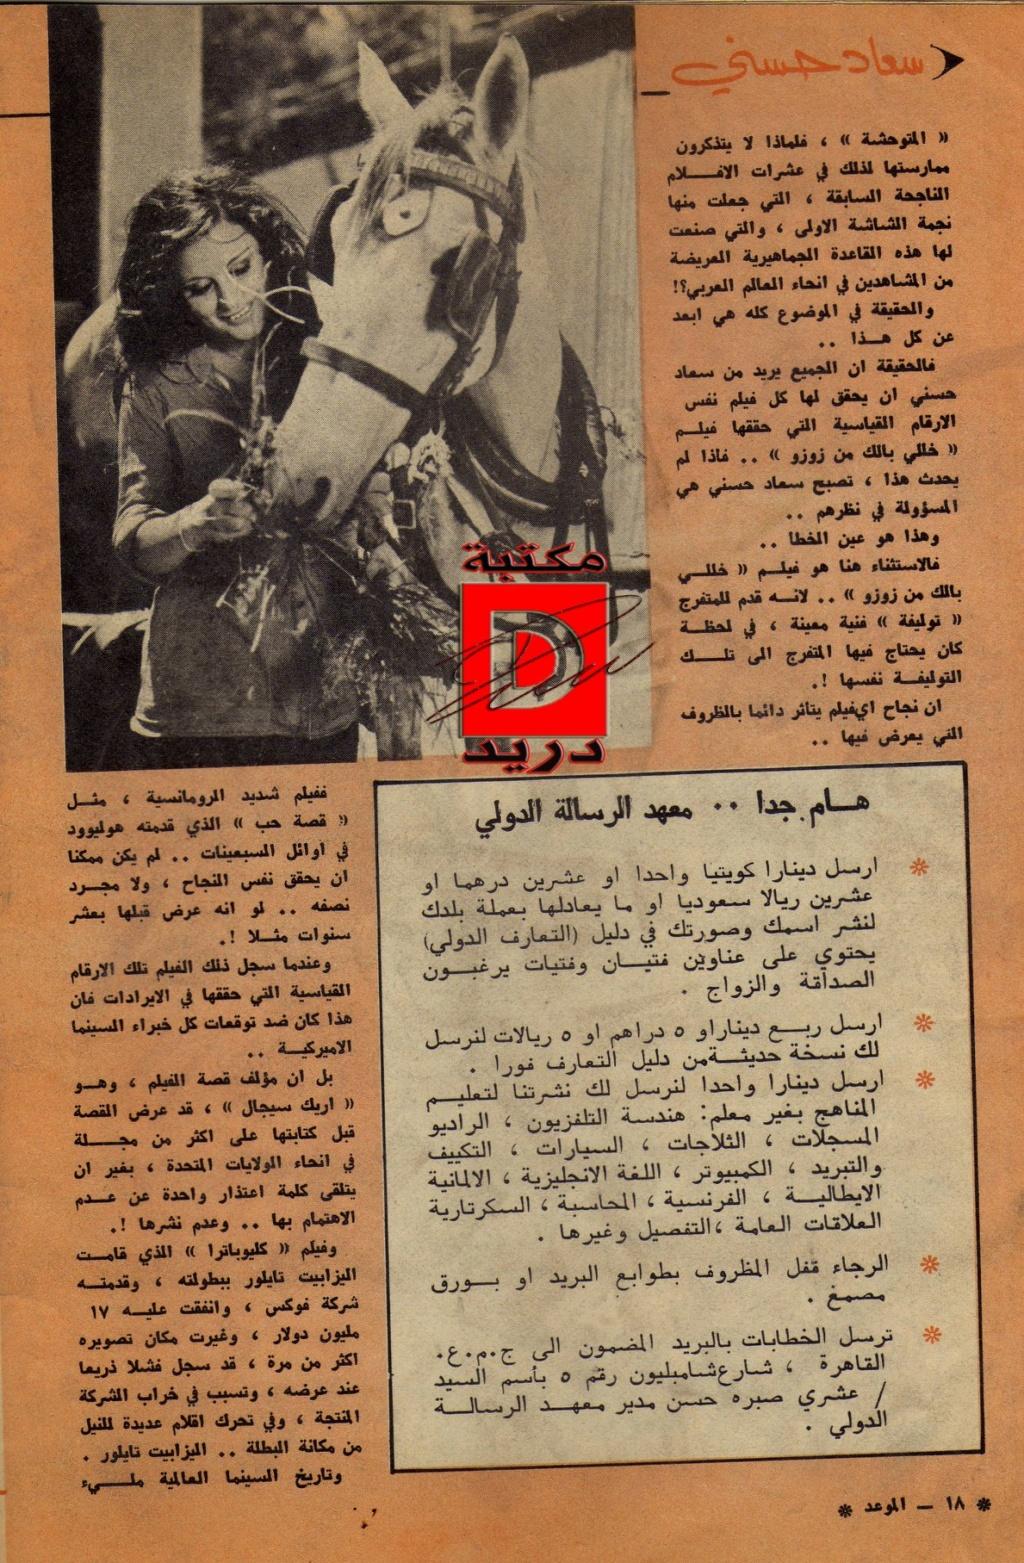 مقال - مقال صحفي : سعاد حسني هل عرفت الآن .. من يحبّها و .. يكرهها ؟! 1979 م 315